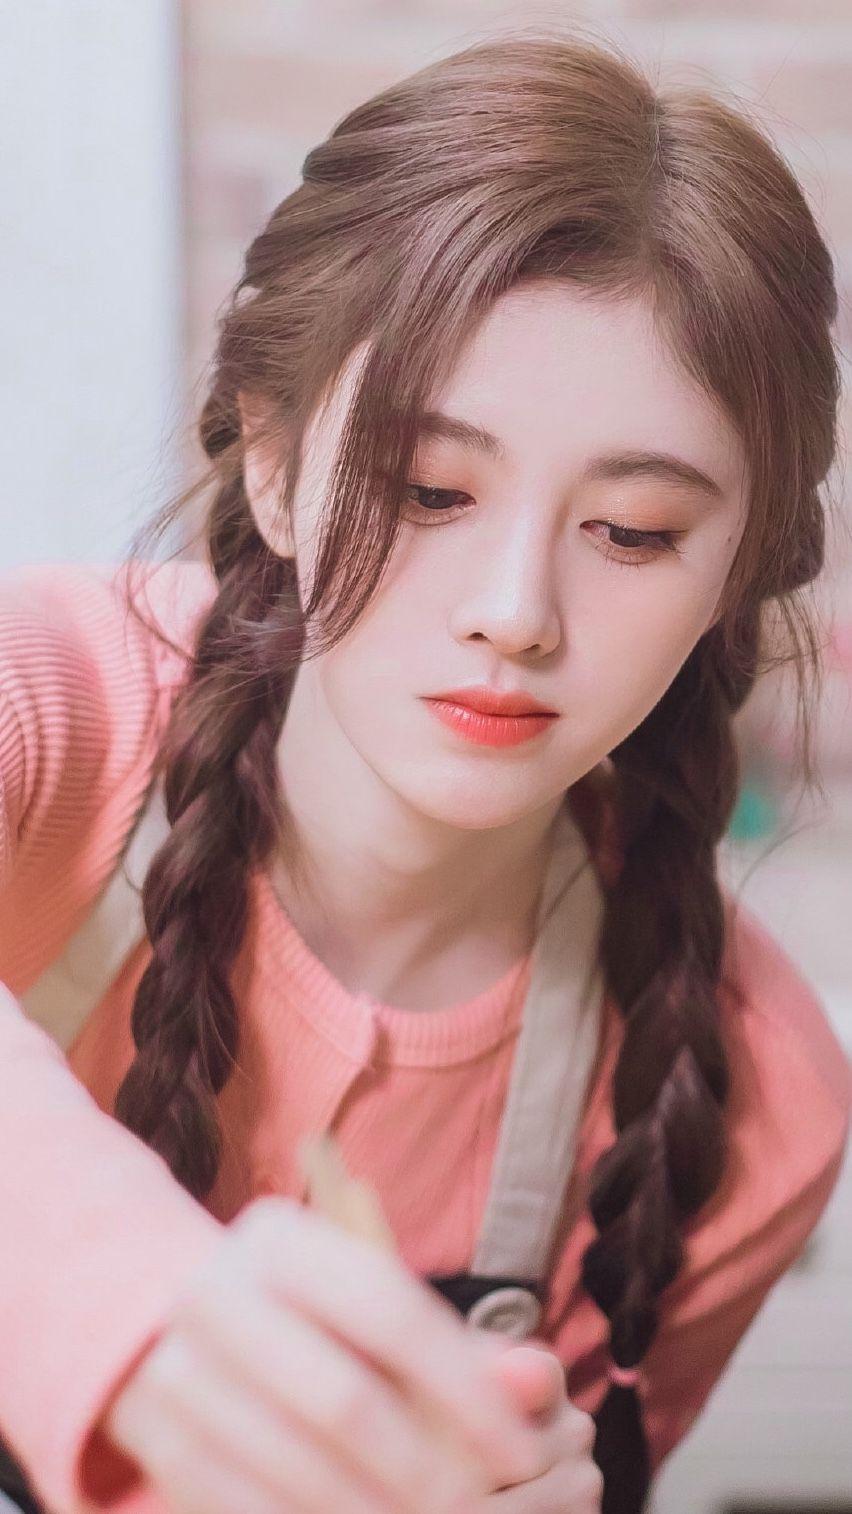 Kiểu tóc dài đẹp, dễ thương nhất